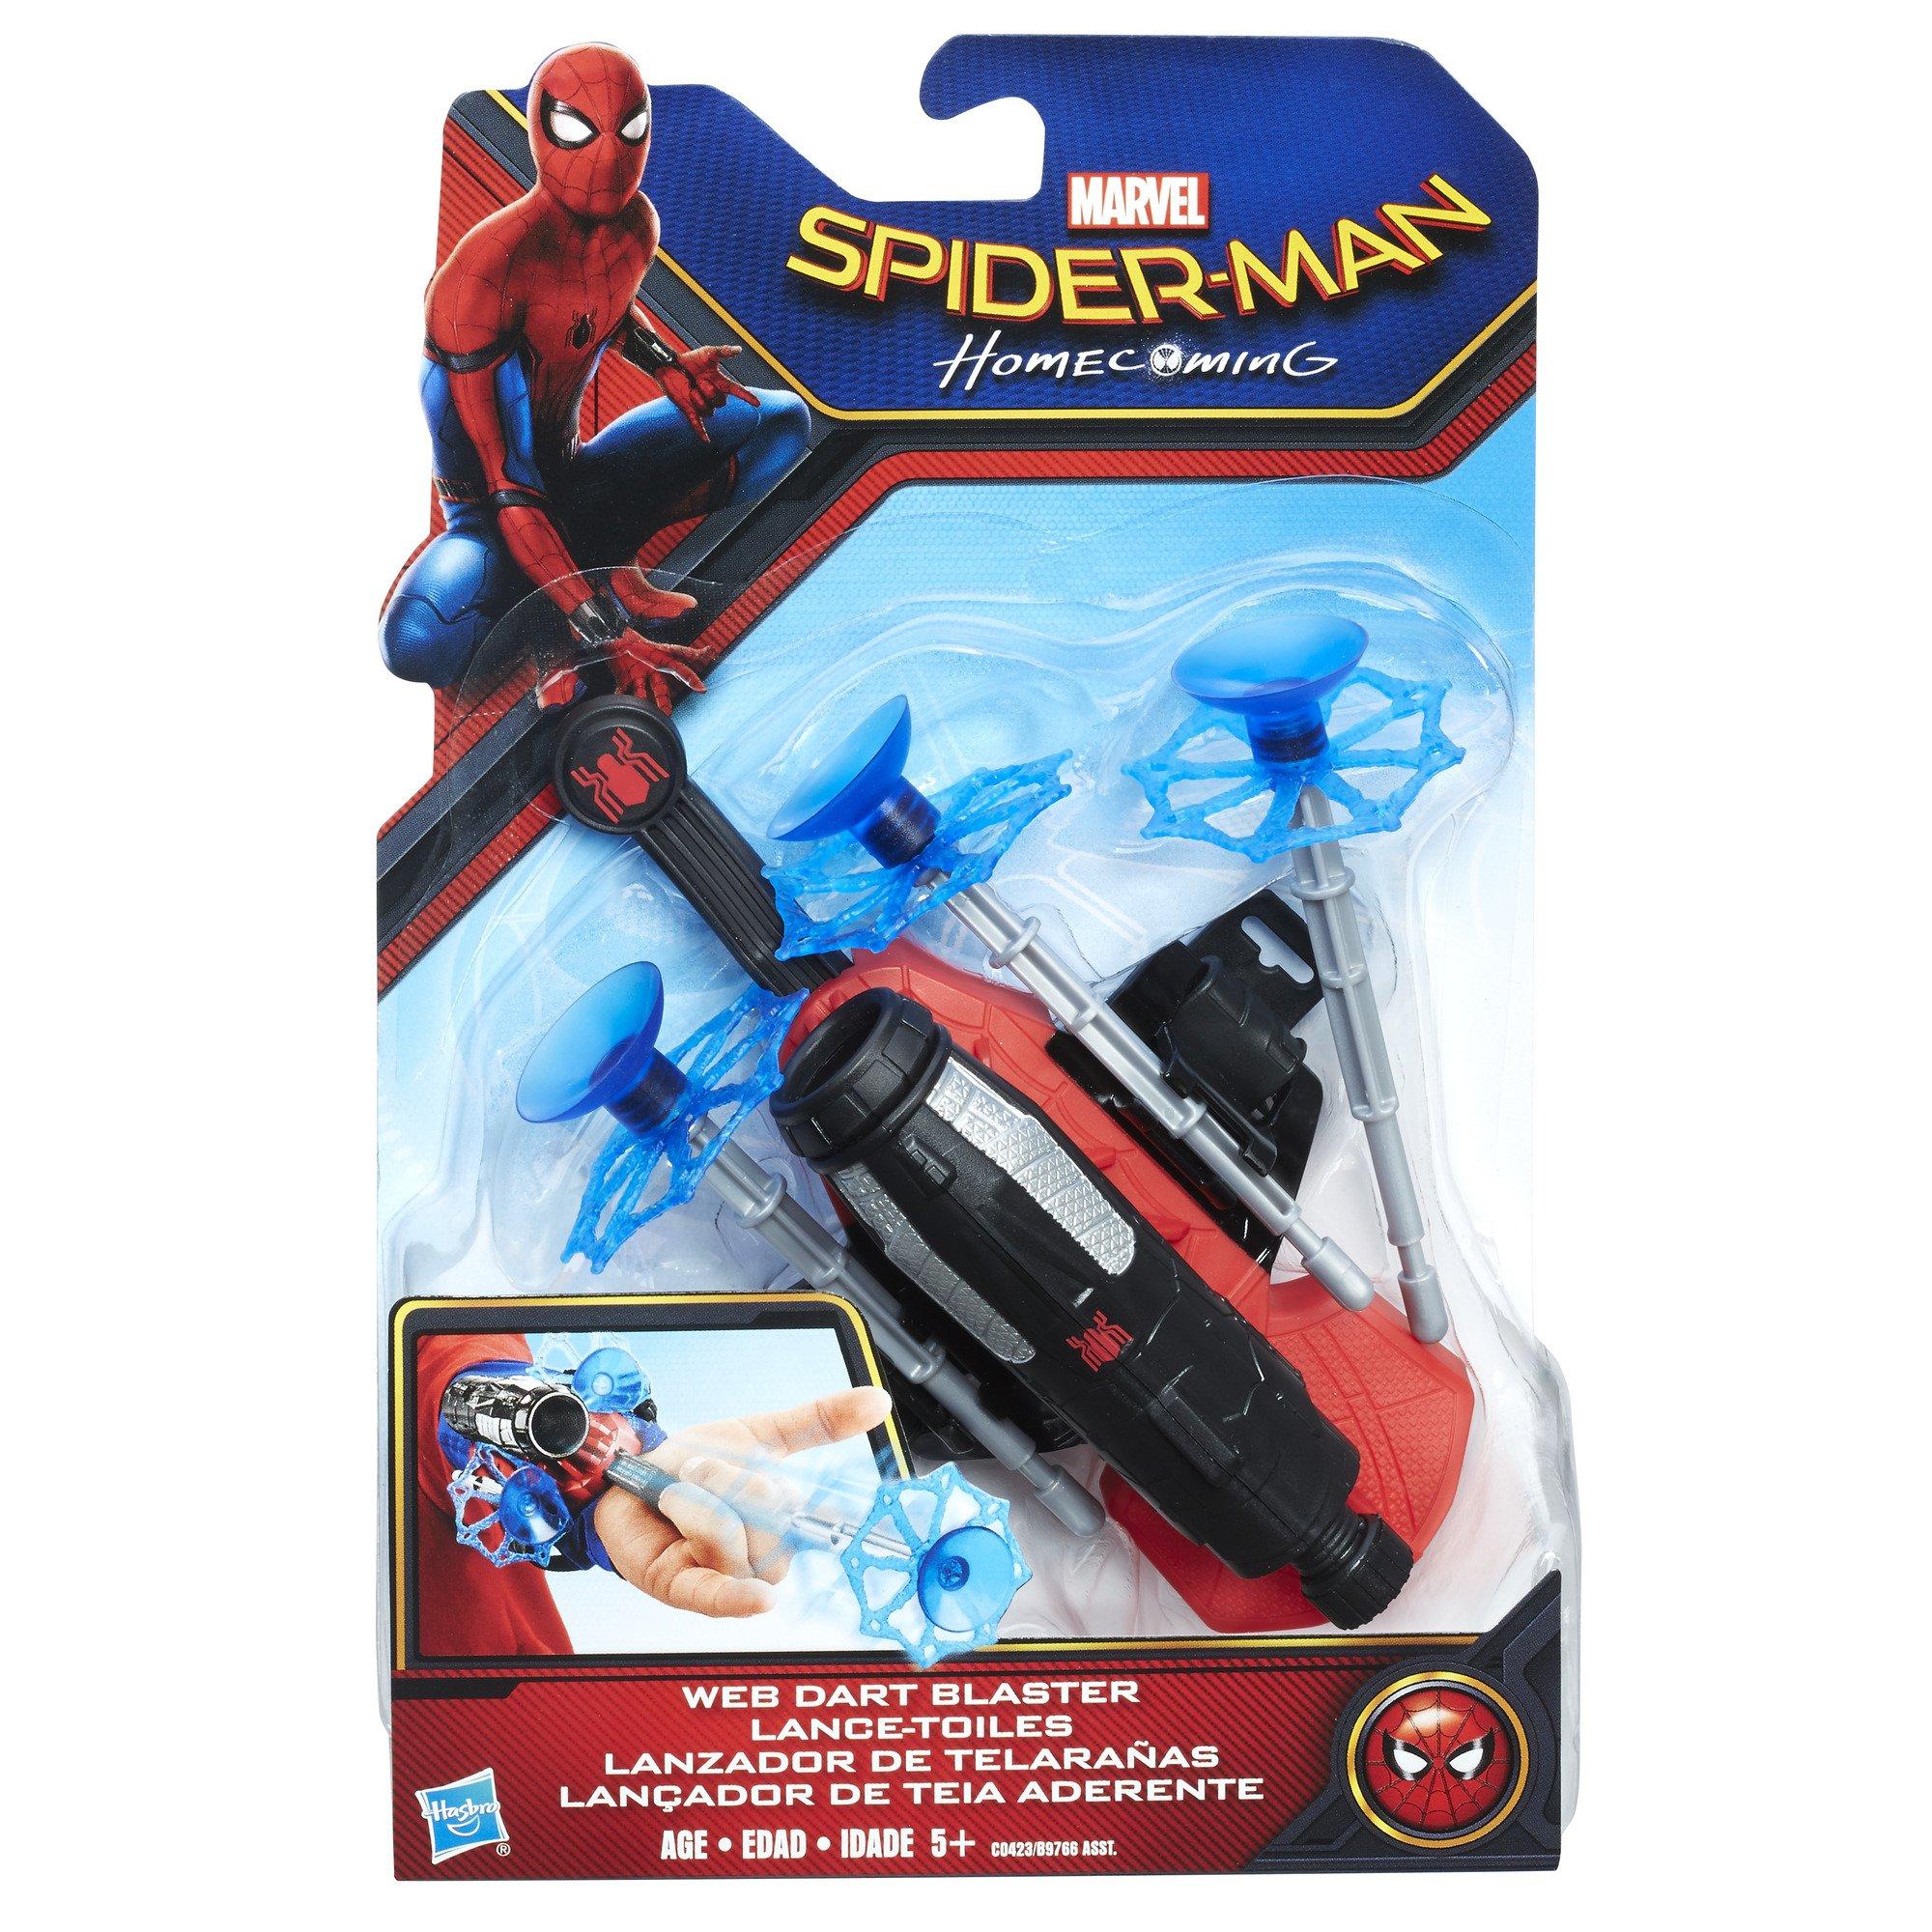 Spider-Man Marvel Web Dart Blaster by Spider-Man (Image #2)